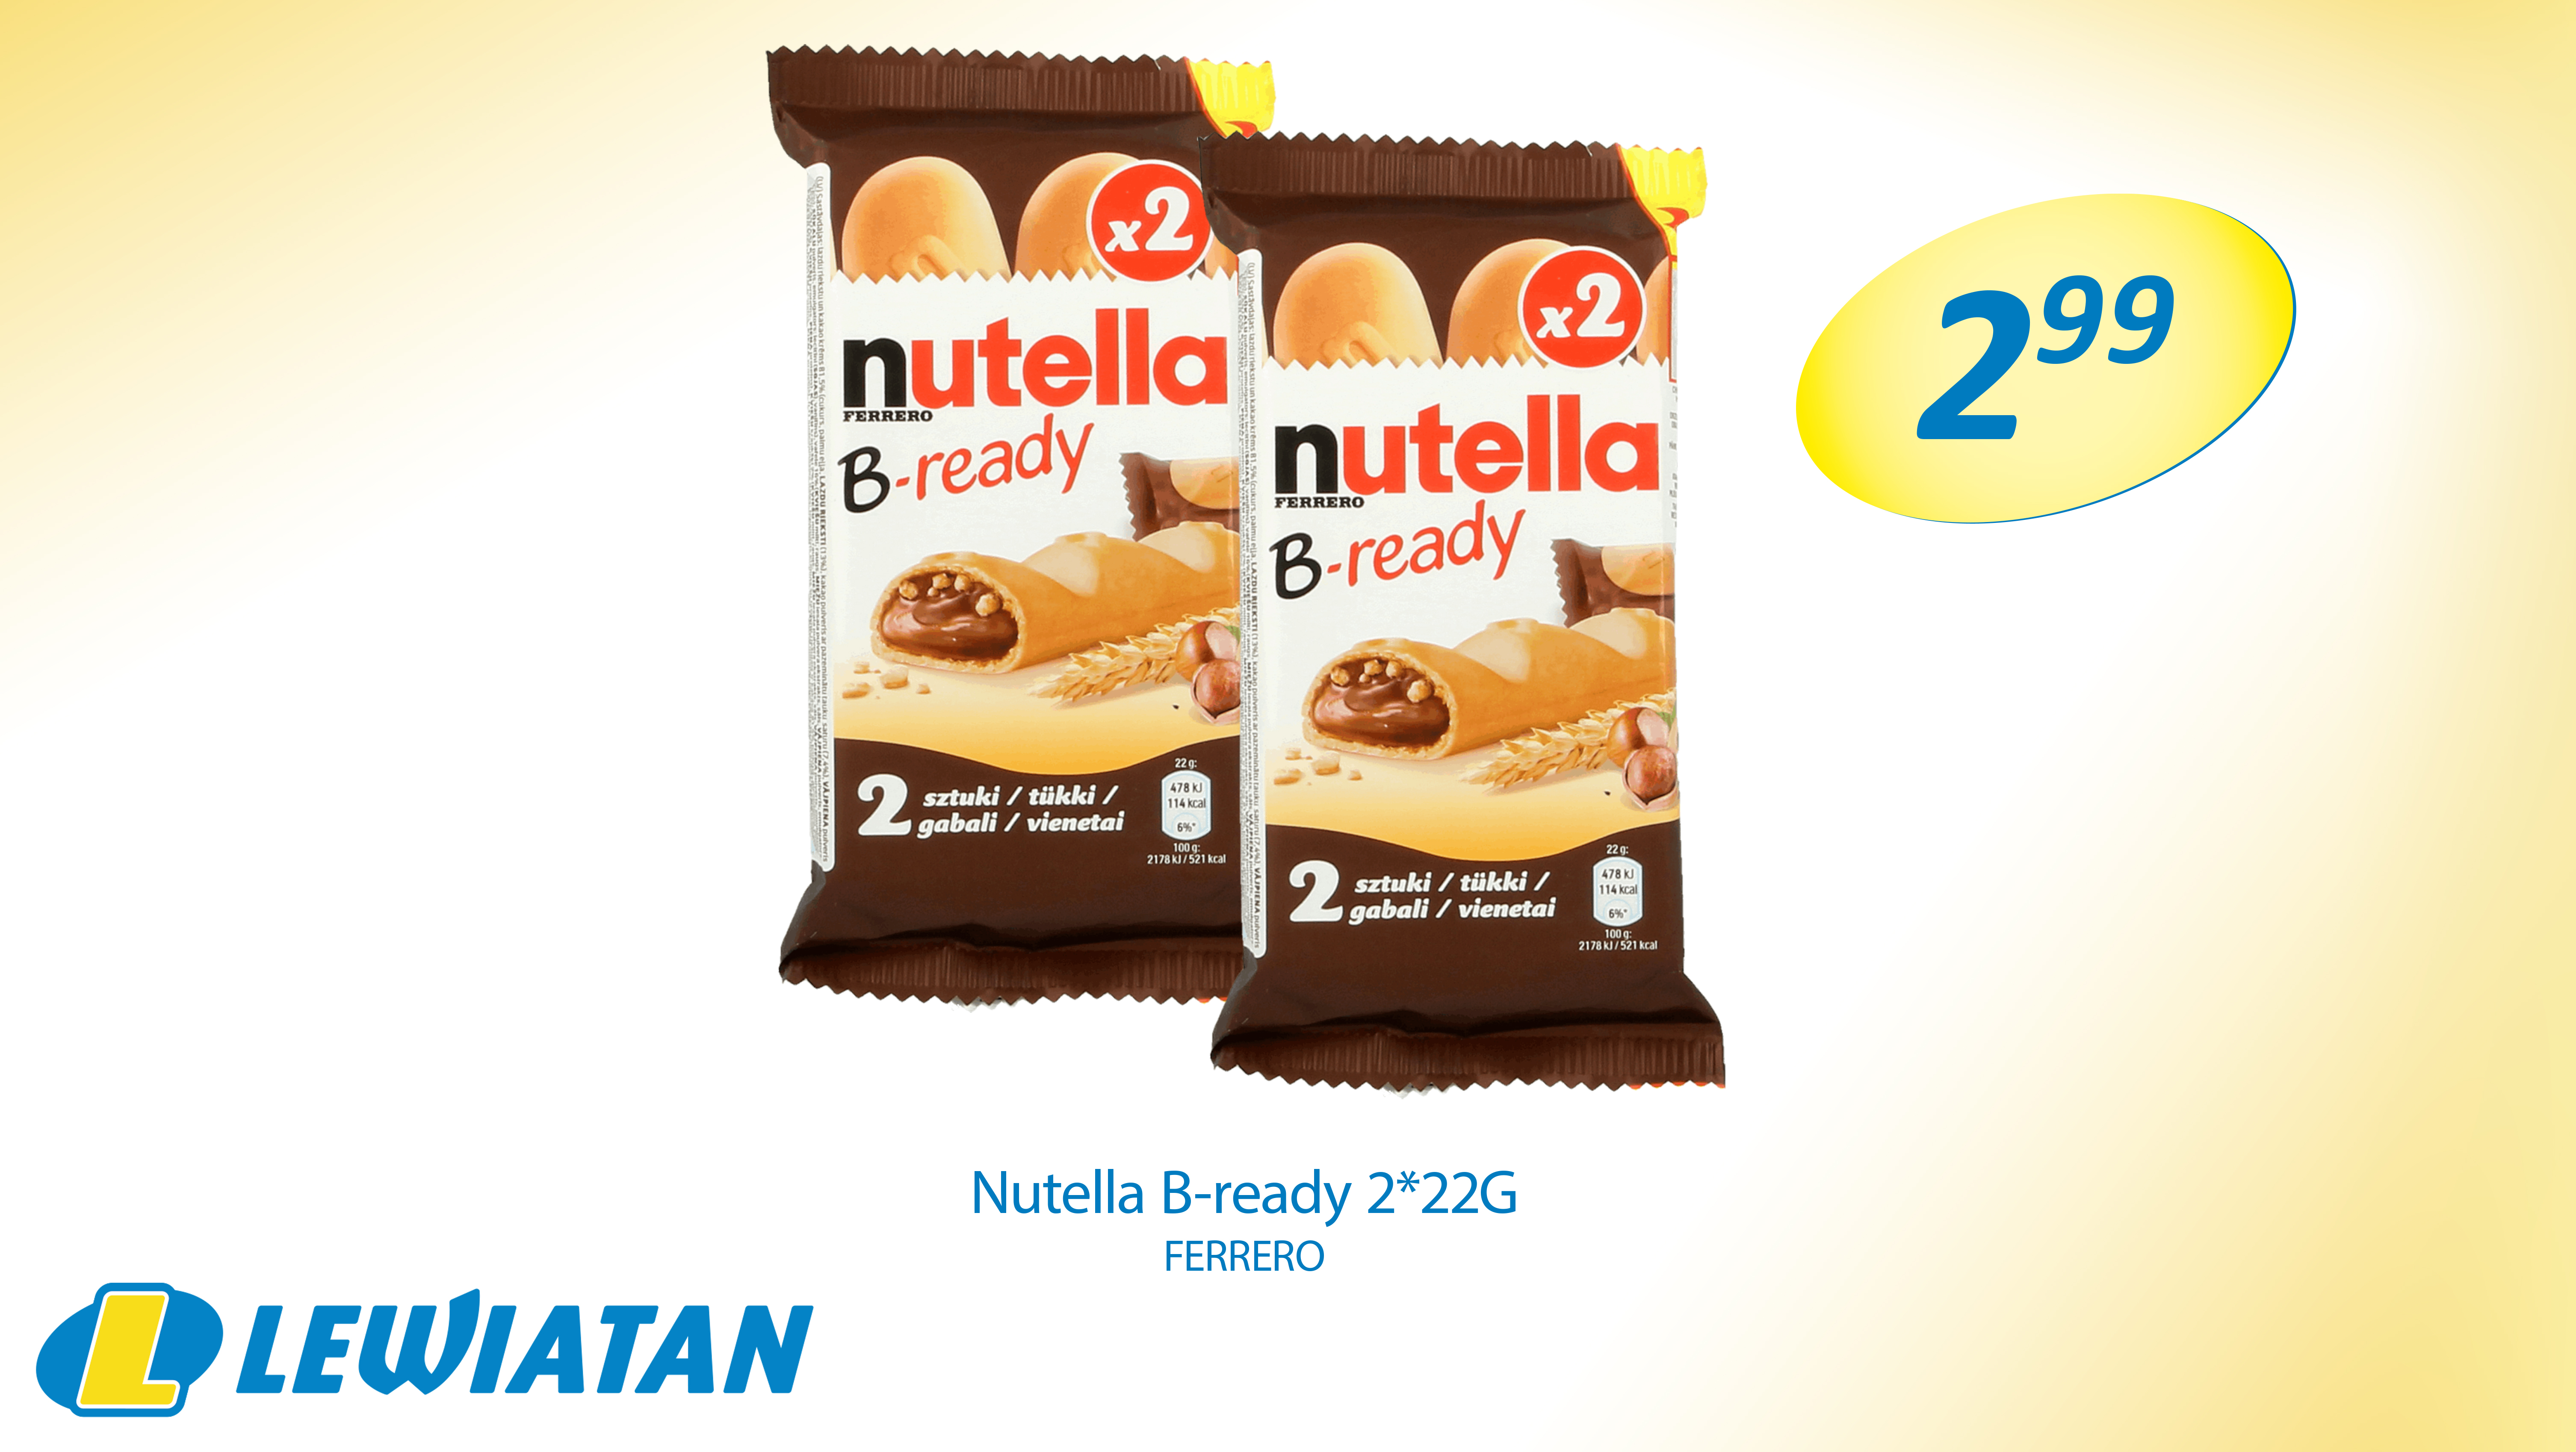 NUTELLA-B-READY-299